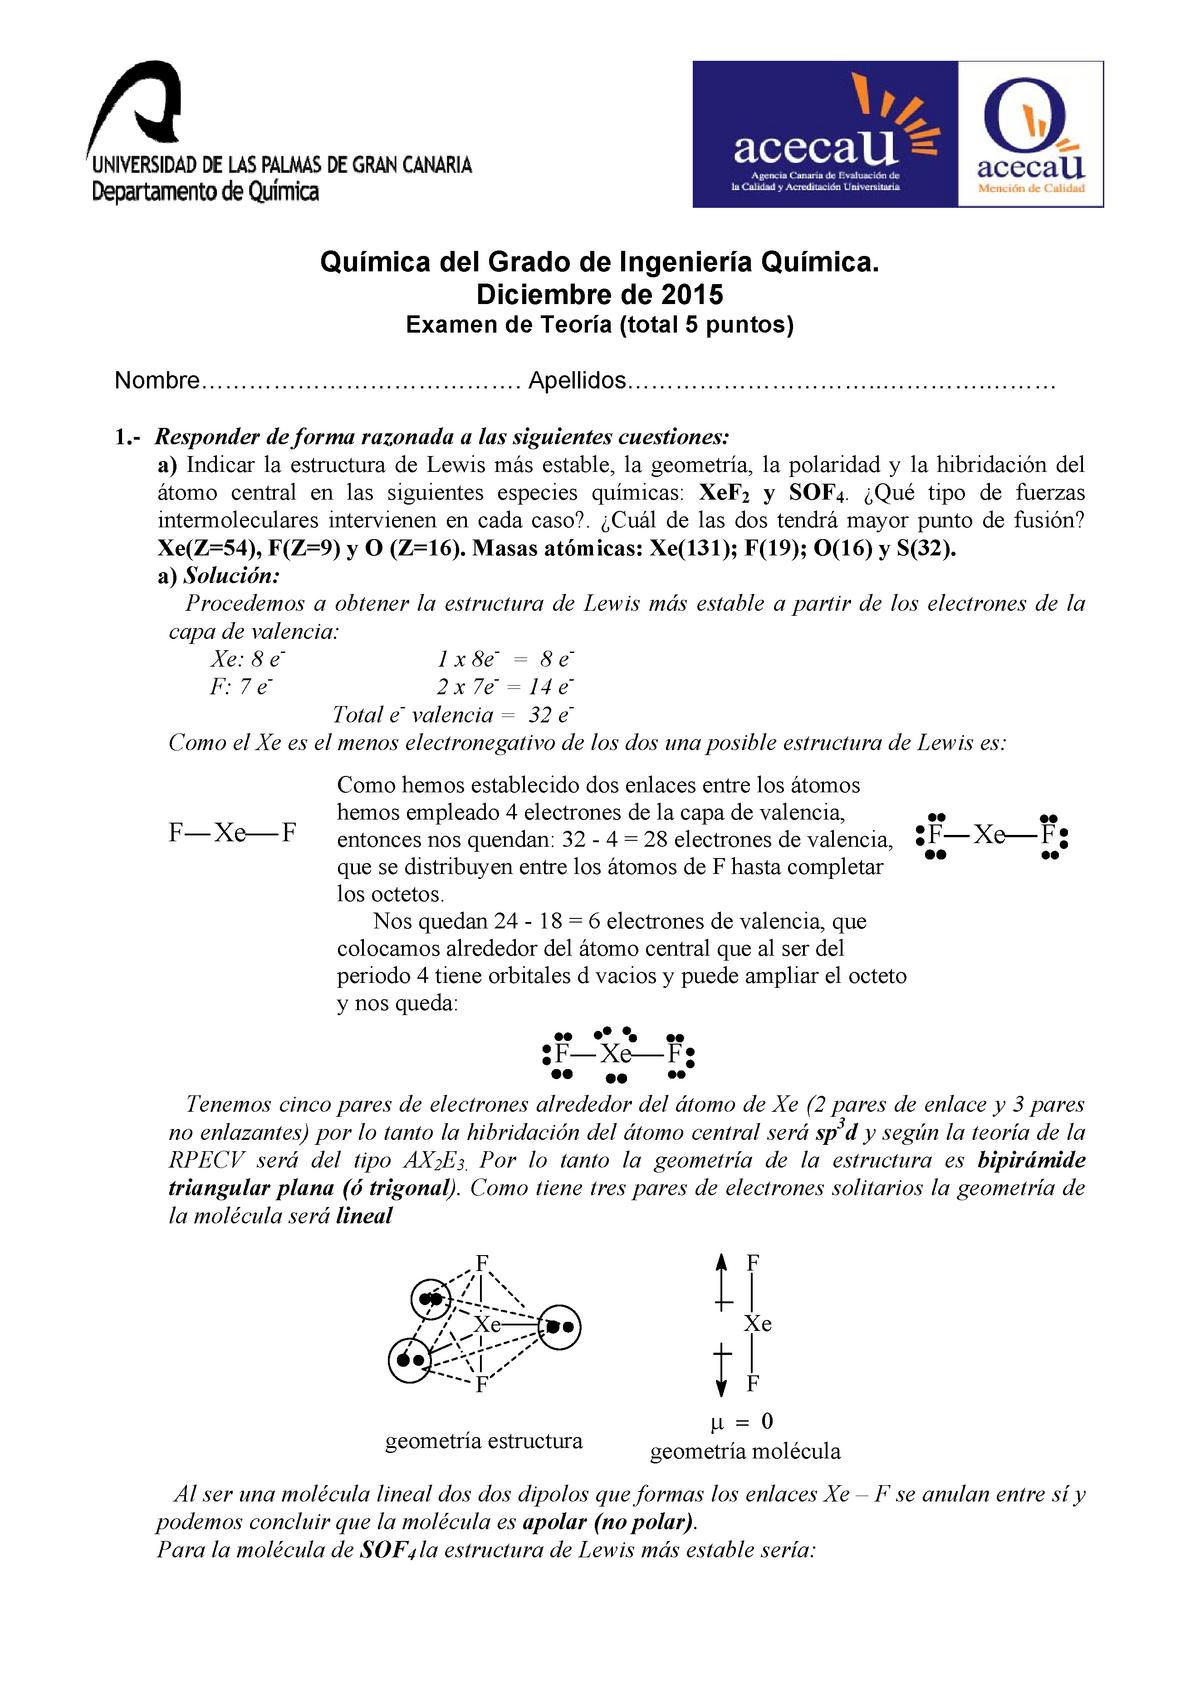 Examen Febrero 2015 Preguntas Y Respuestas Química 42704